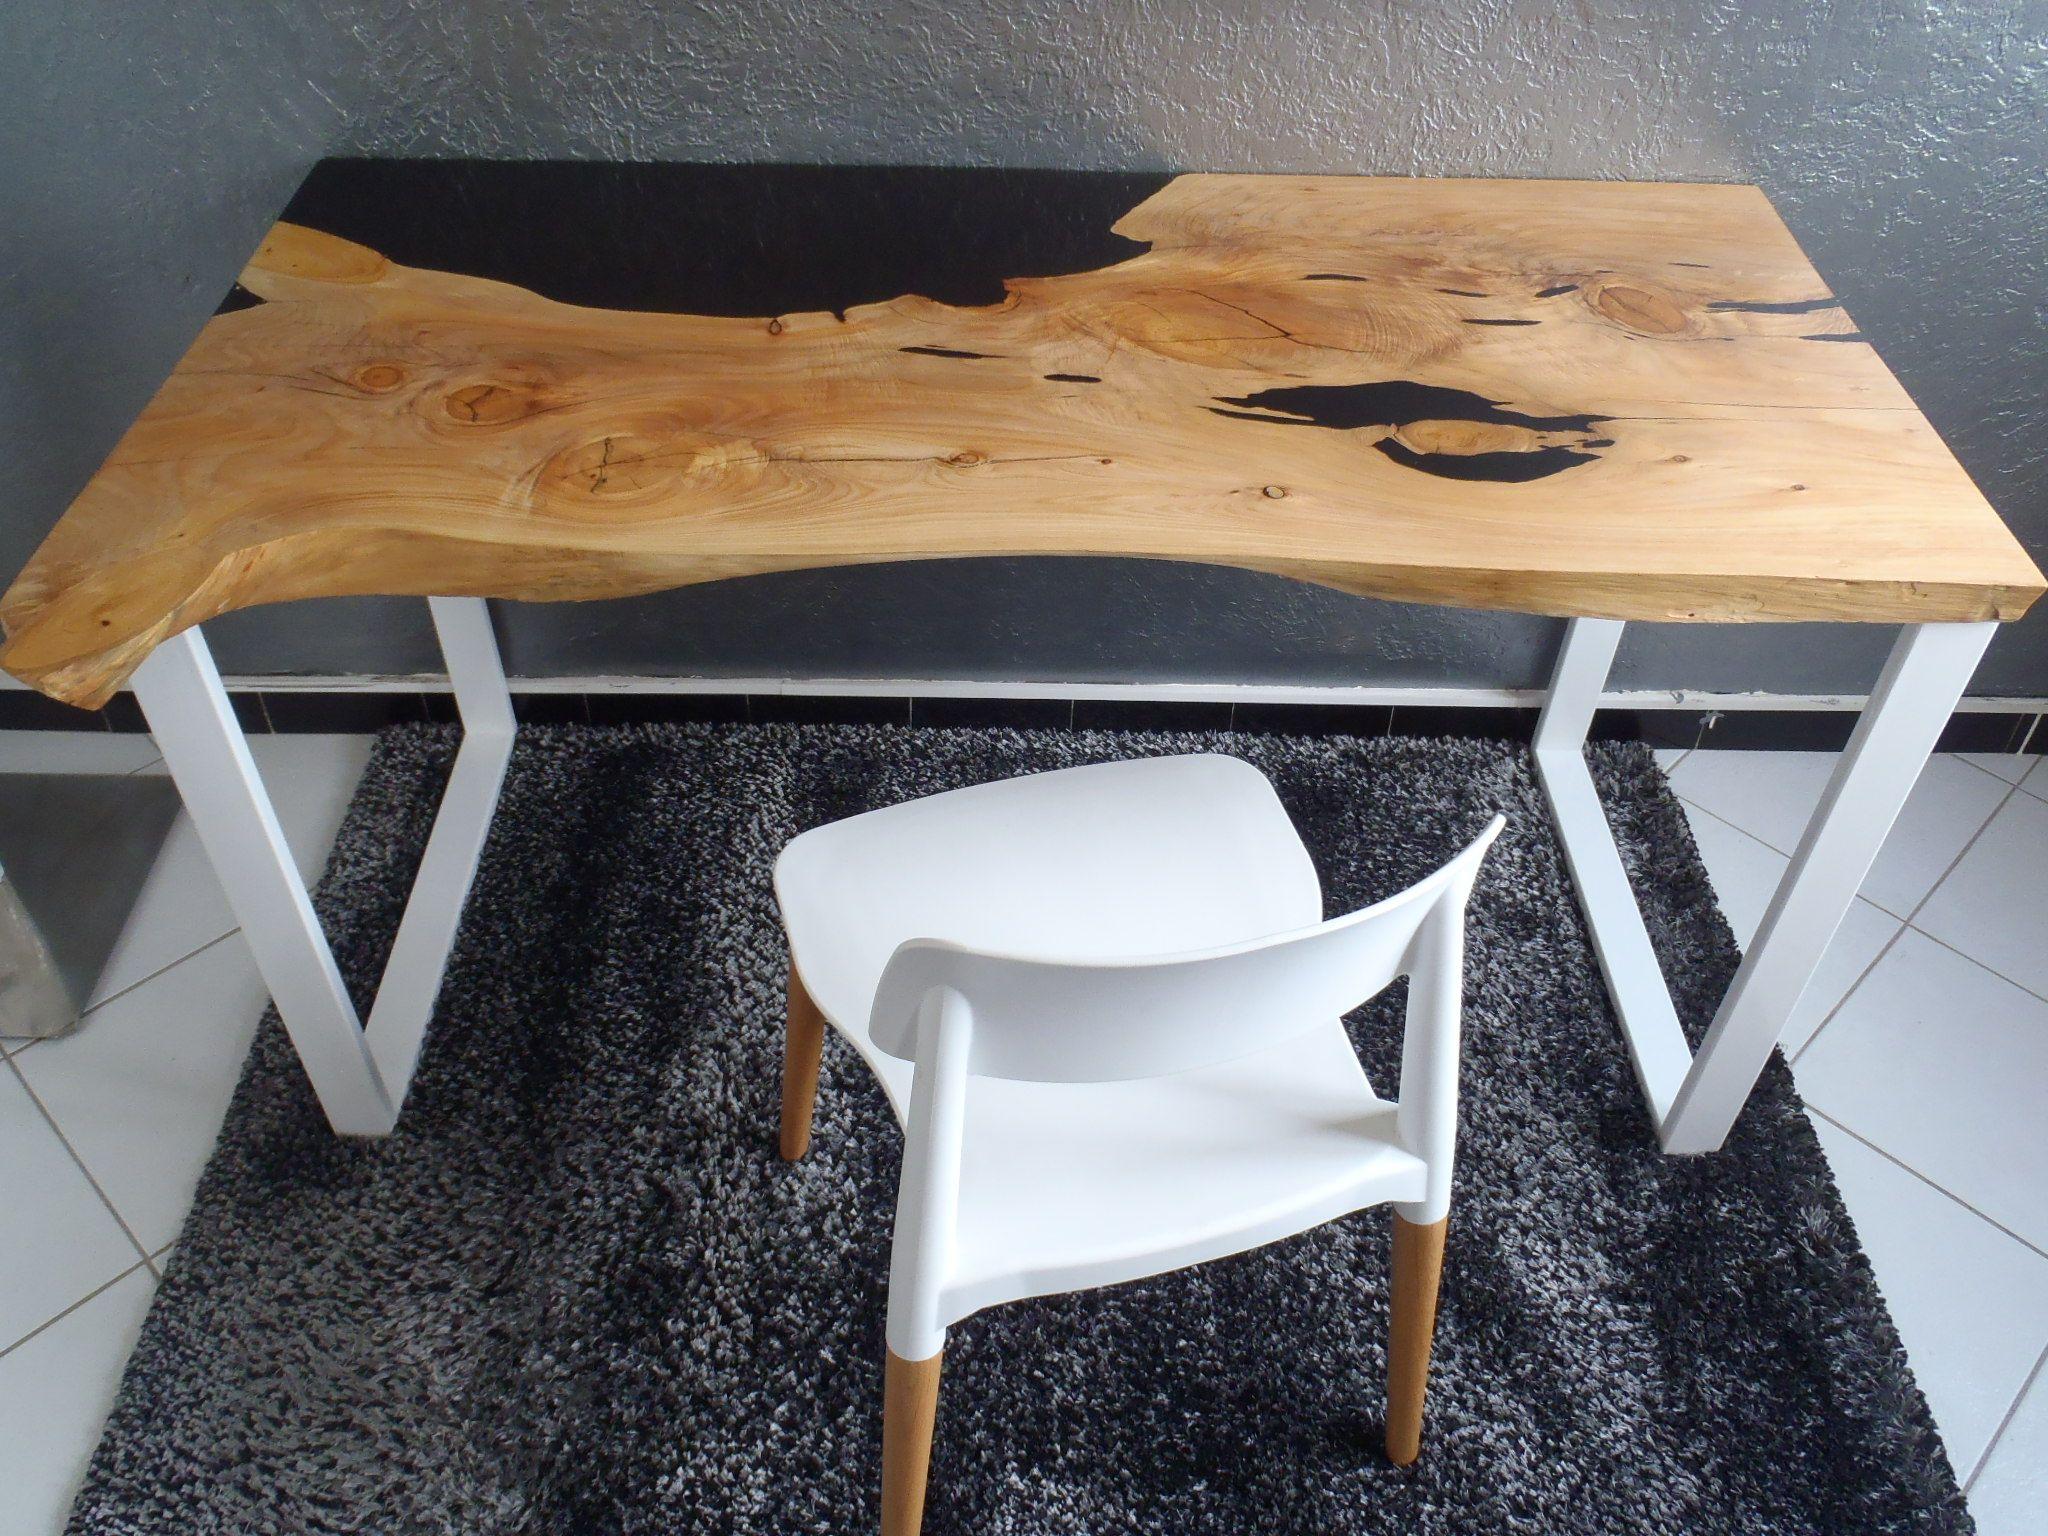 bureau bois et r sine wooden and resin desk table bois et r sine wood and resin table. Black Bedroom Furniture Sets. Home Design Ideas